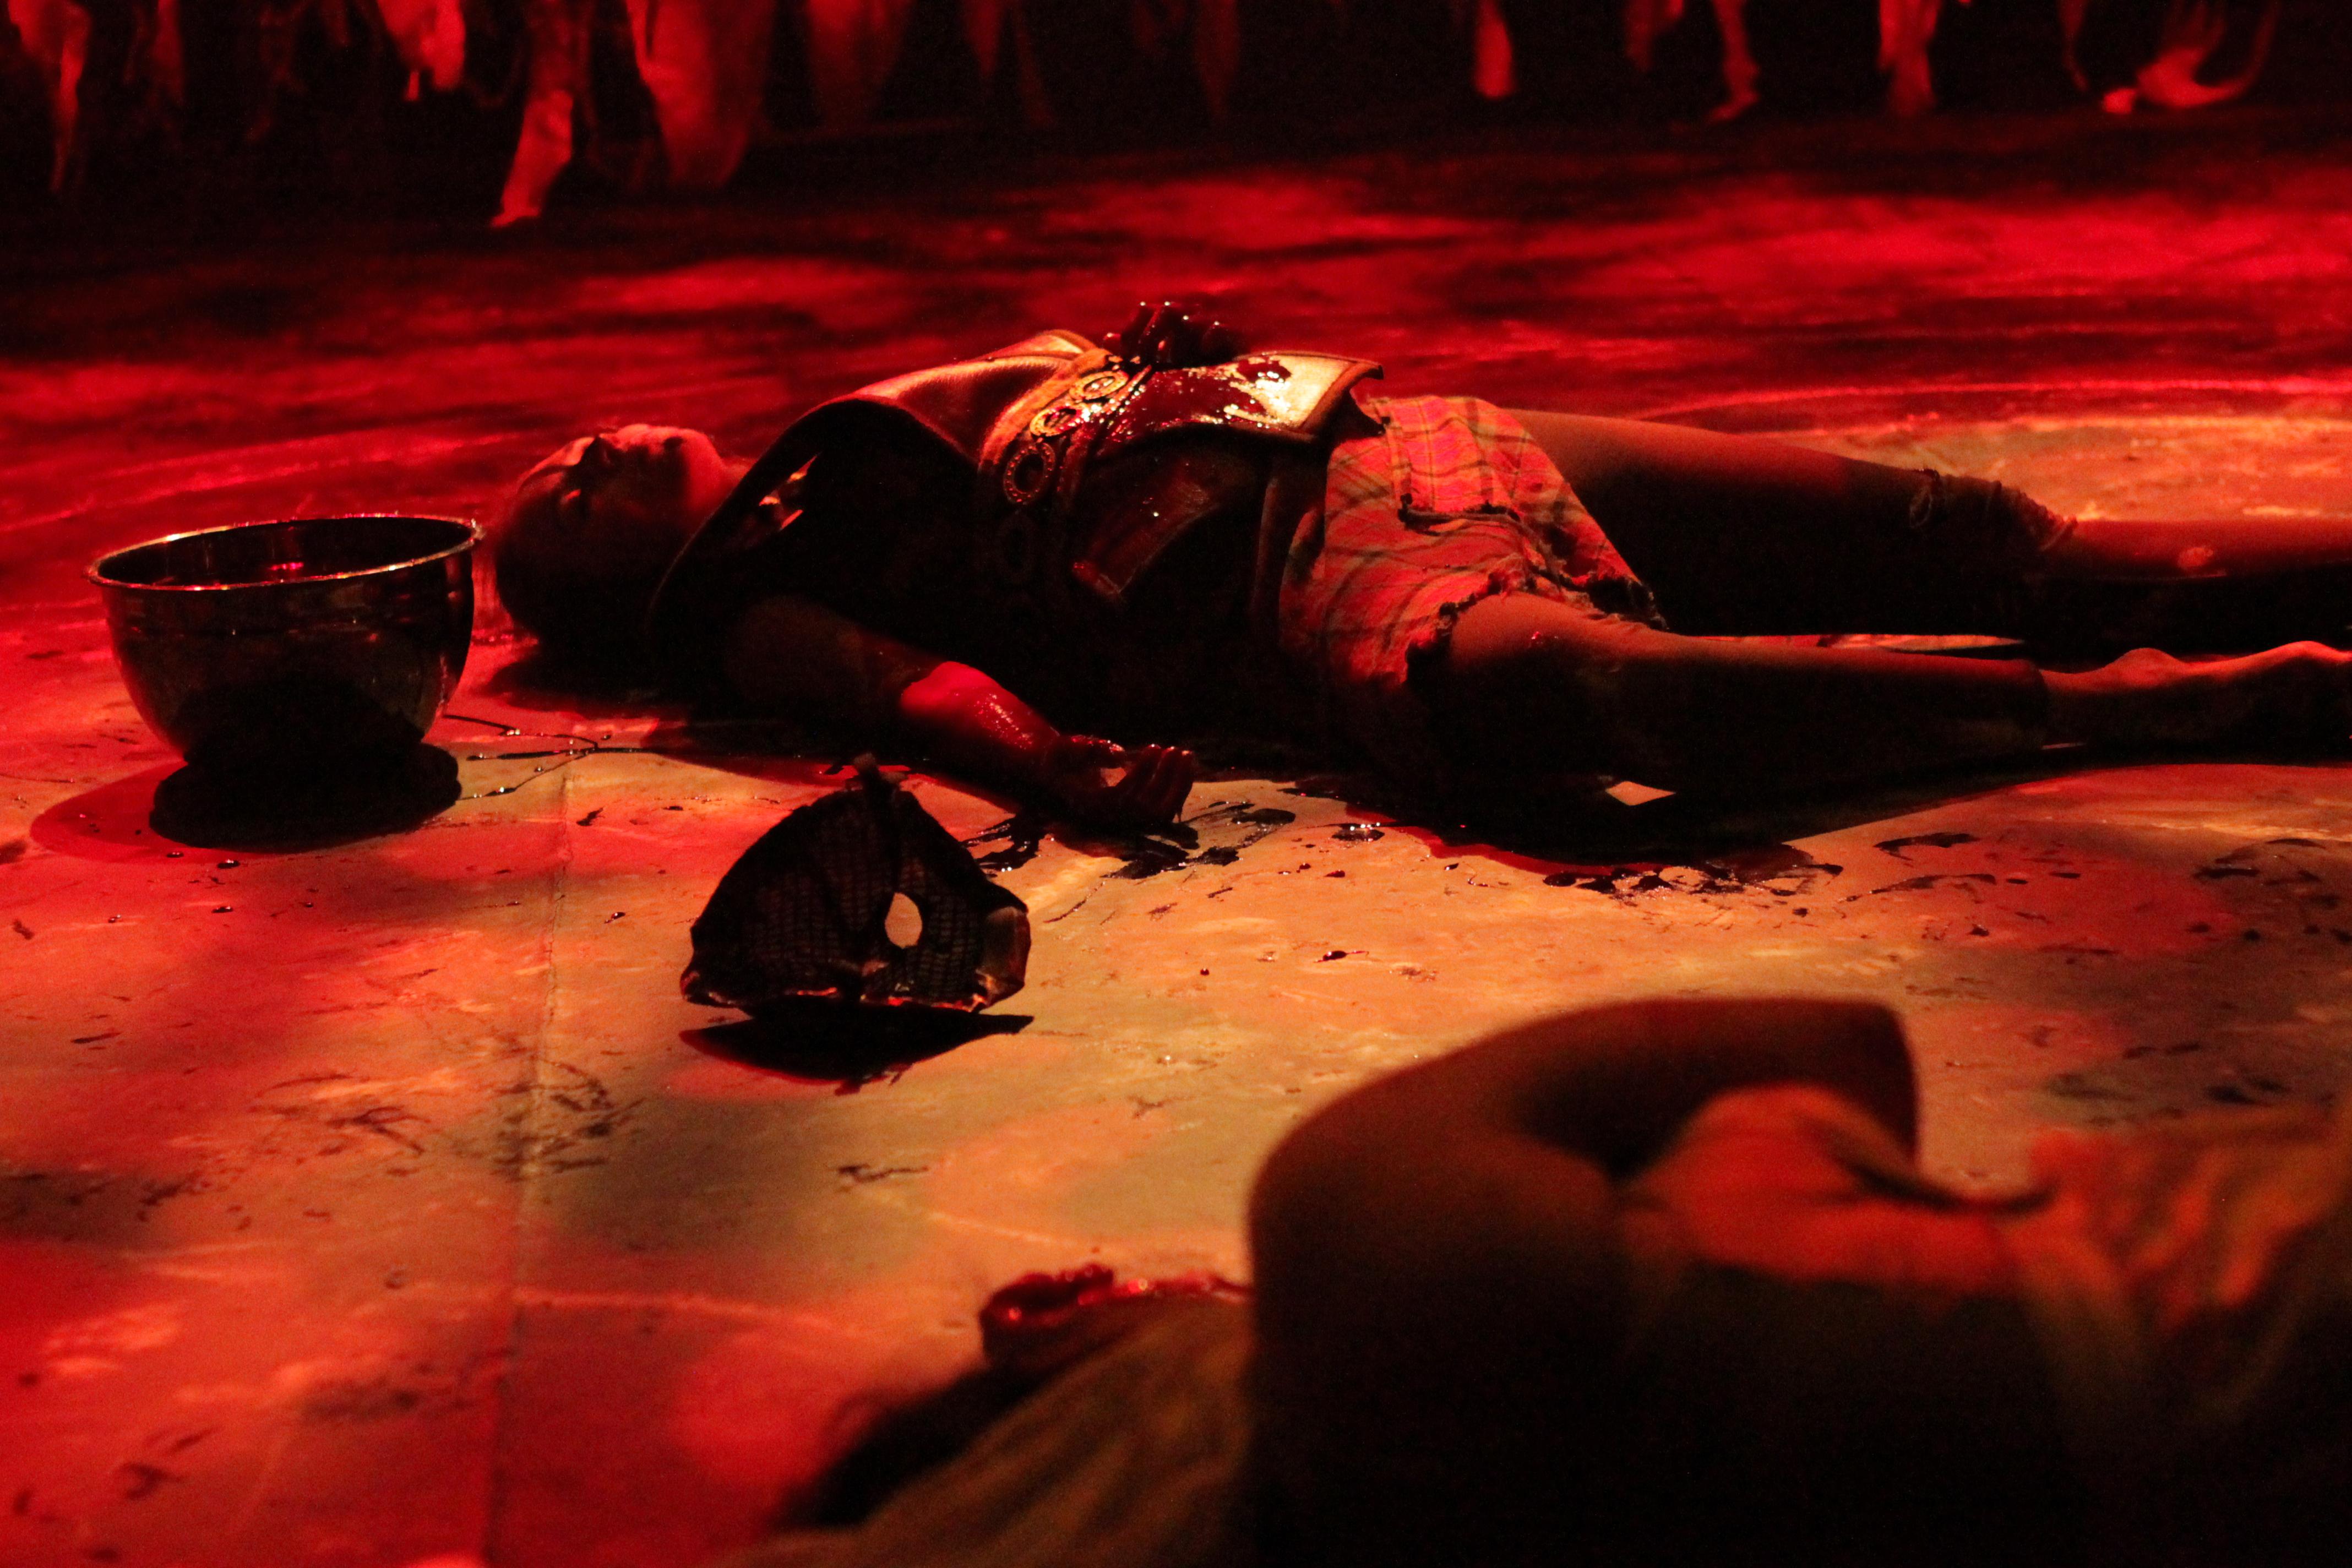 Macbeth is Dead